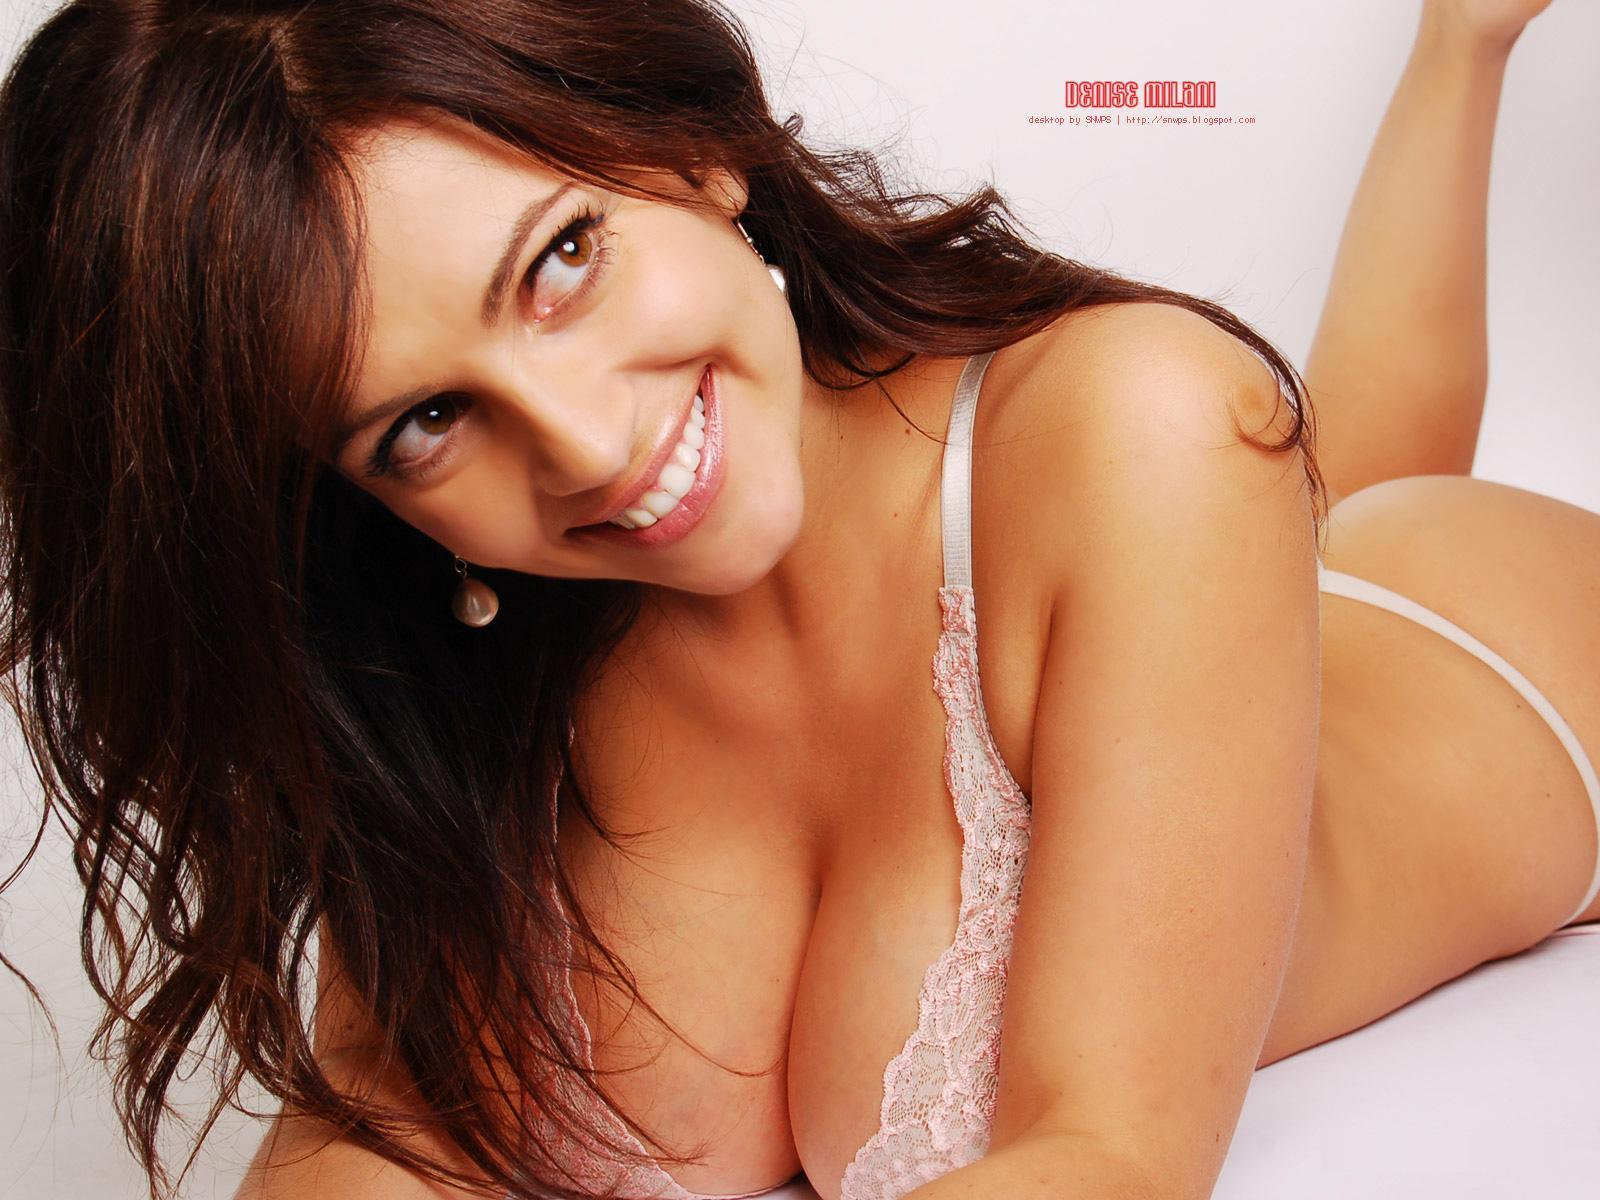 Rosangela espinoza naked